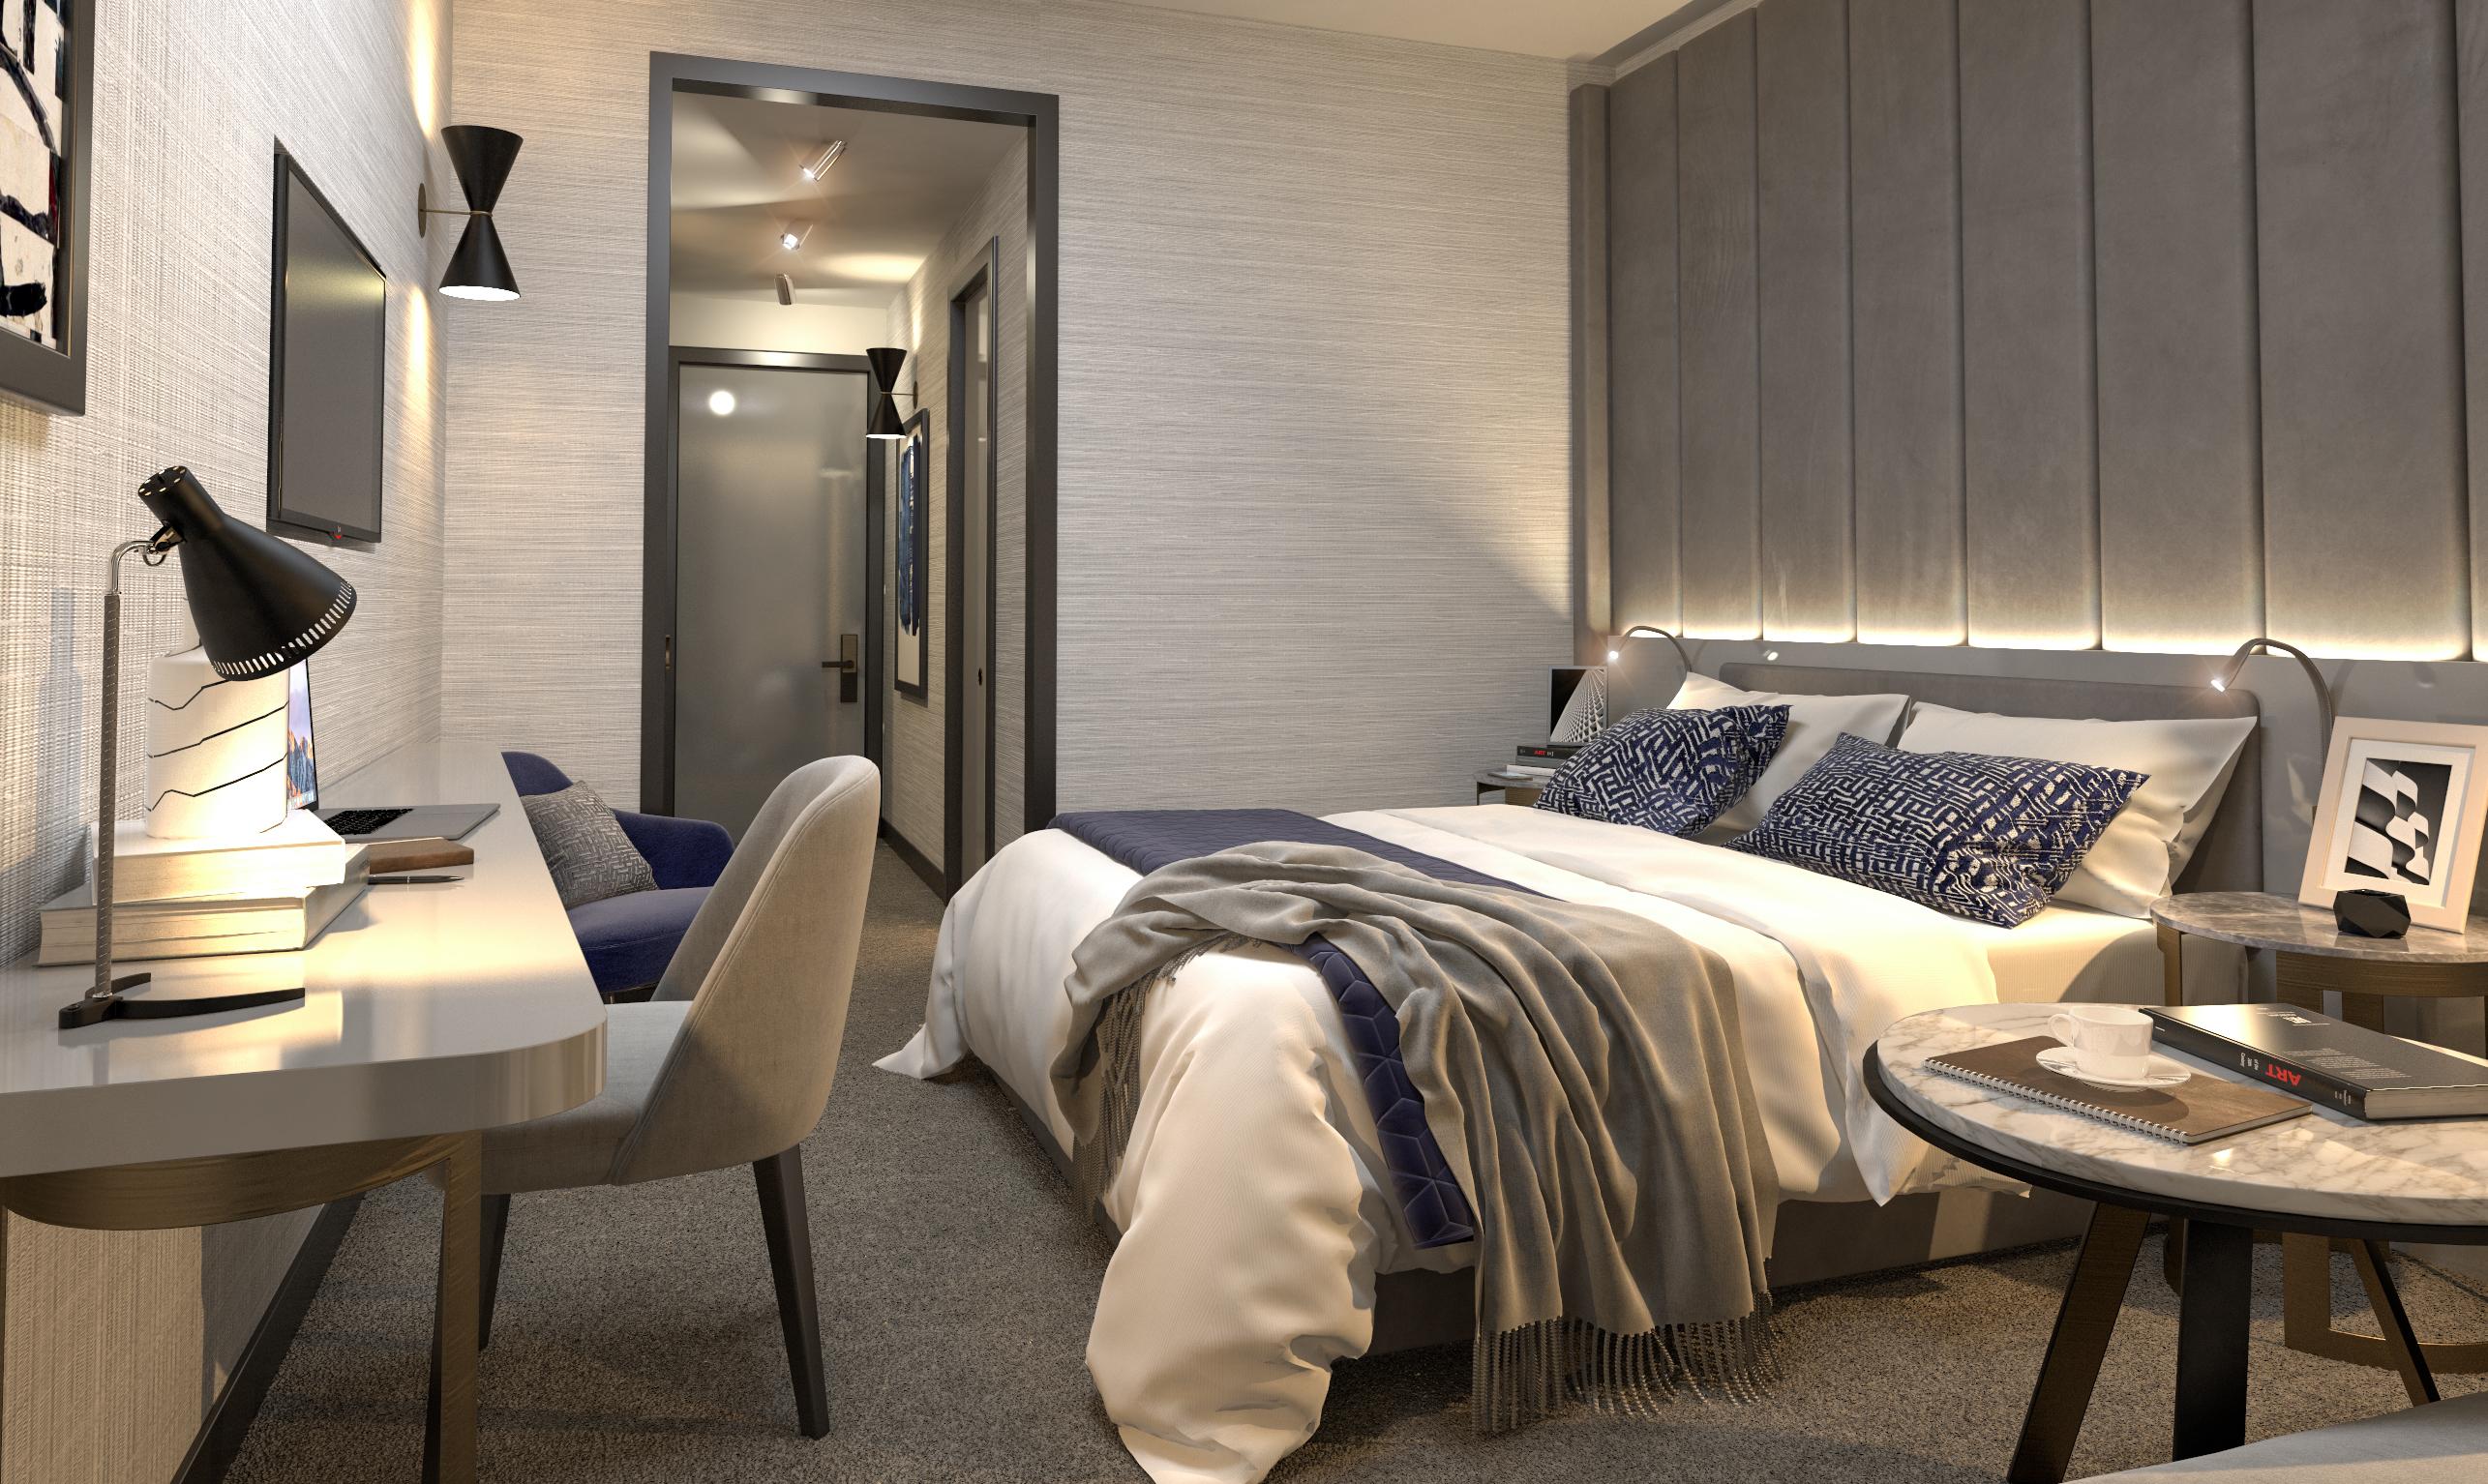 Hotel londra ciani arredamenti for Ciani arredamenti